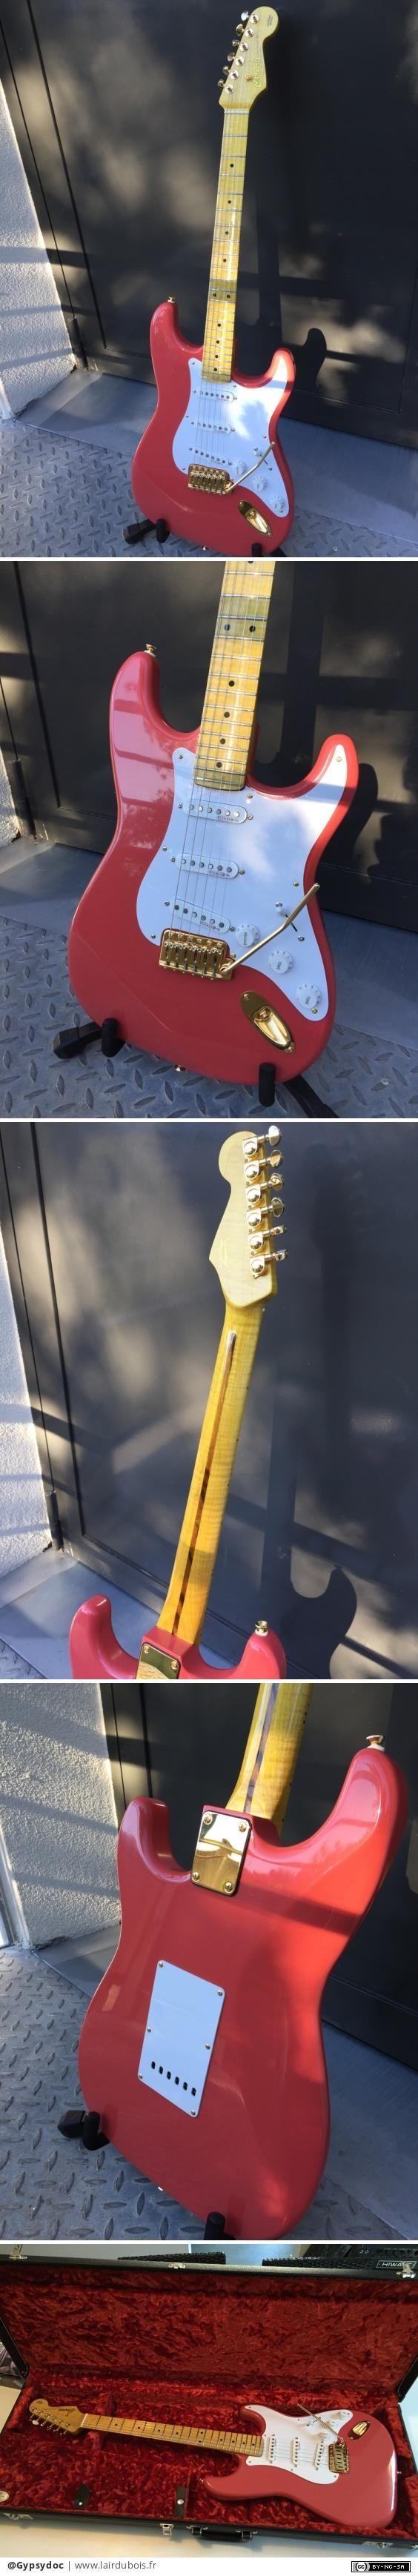 Ma deuxième Guitare: une stratocaster Hank Marvin par Gypsydoc - Pas encore revenu aux travaux d'ébénisterie, toujours dans la lutherie, je viens de terminer le cadeau de noël de mon Papa!!! Il s'agit d'une réplique de la stratocaster signature Hank Marvin, le mythique...